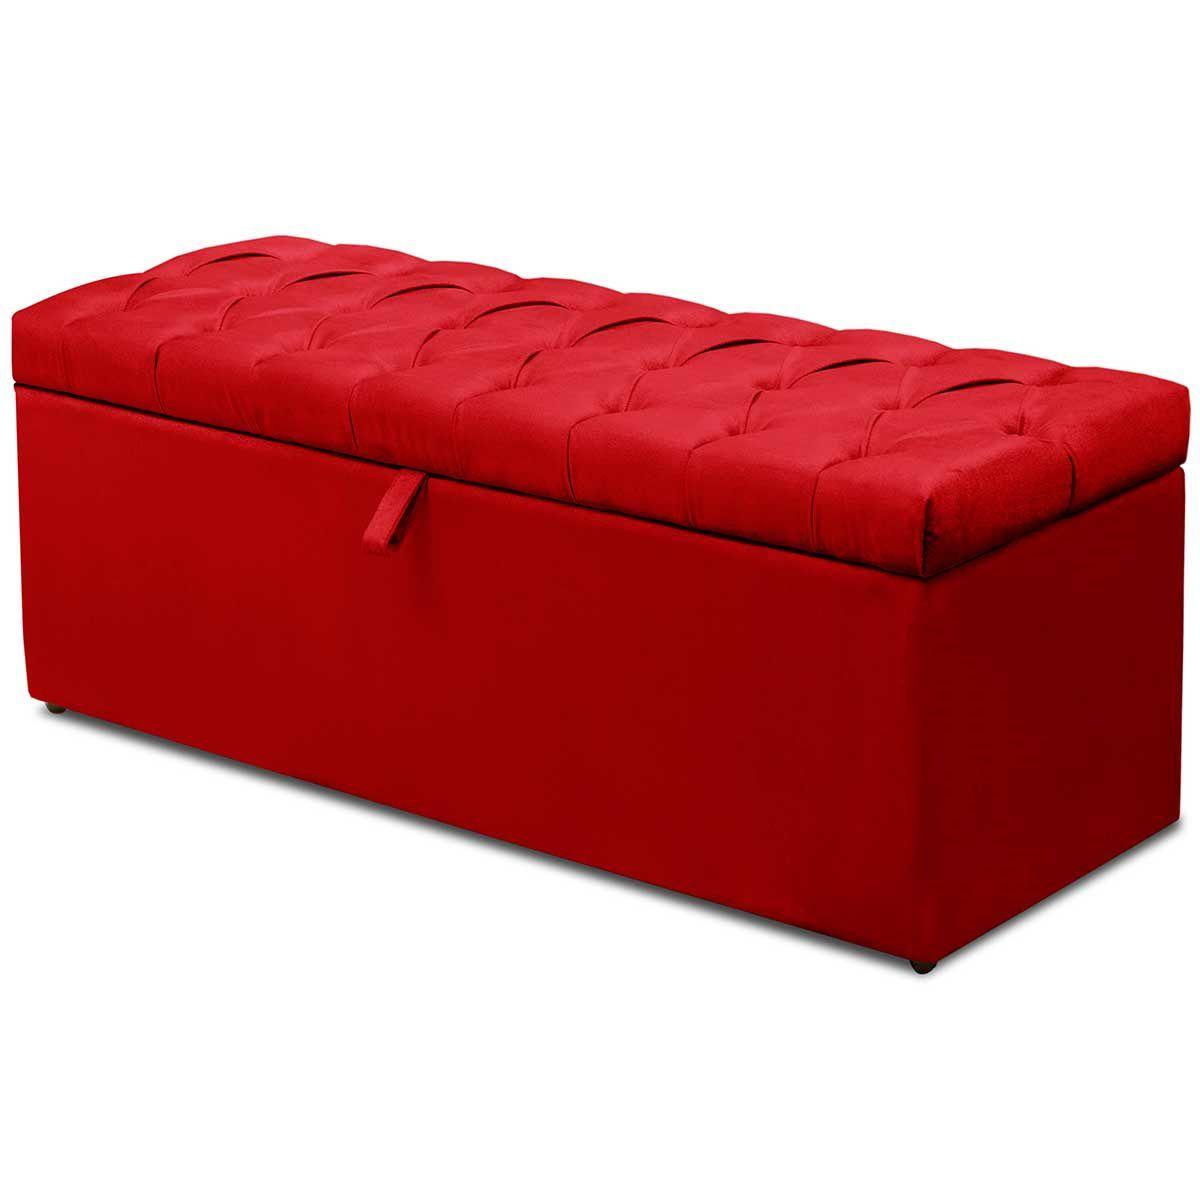 Kit Cabeceira Paris e Calçadeira Itália King 195 cm Vermelho